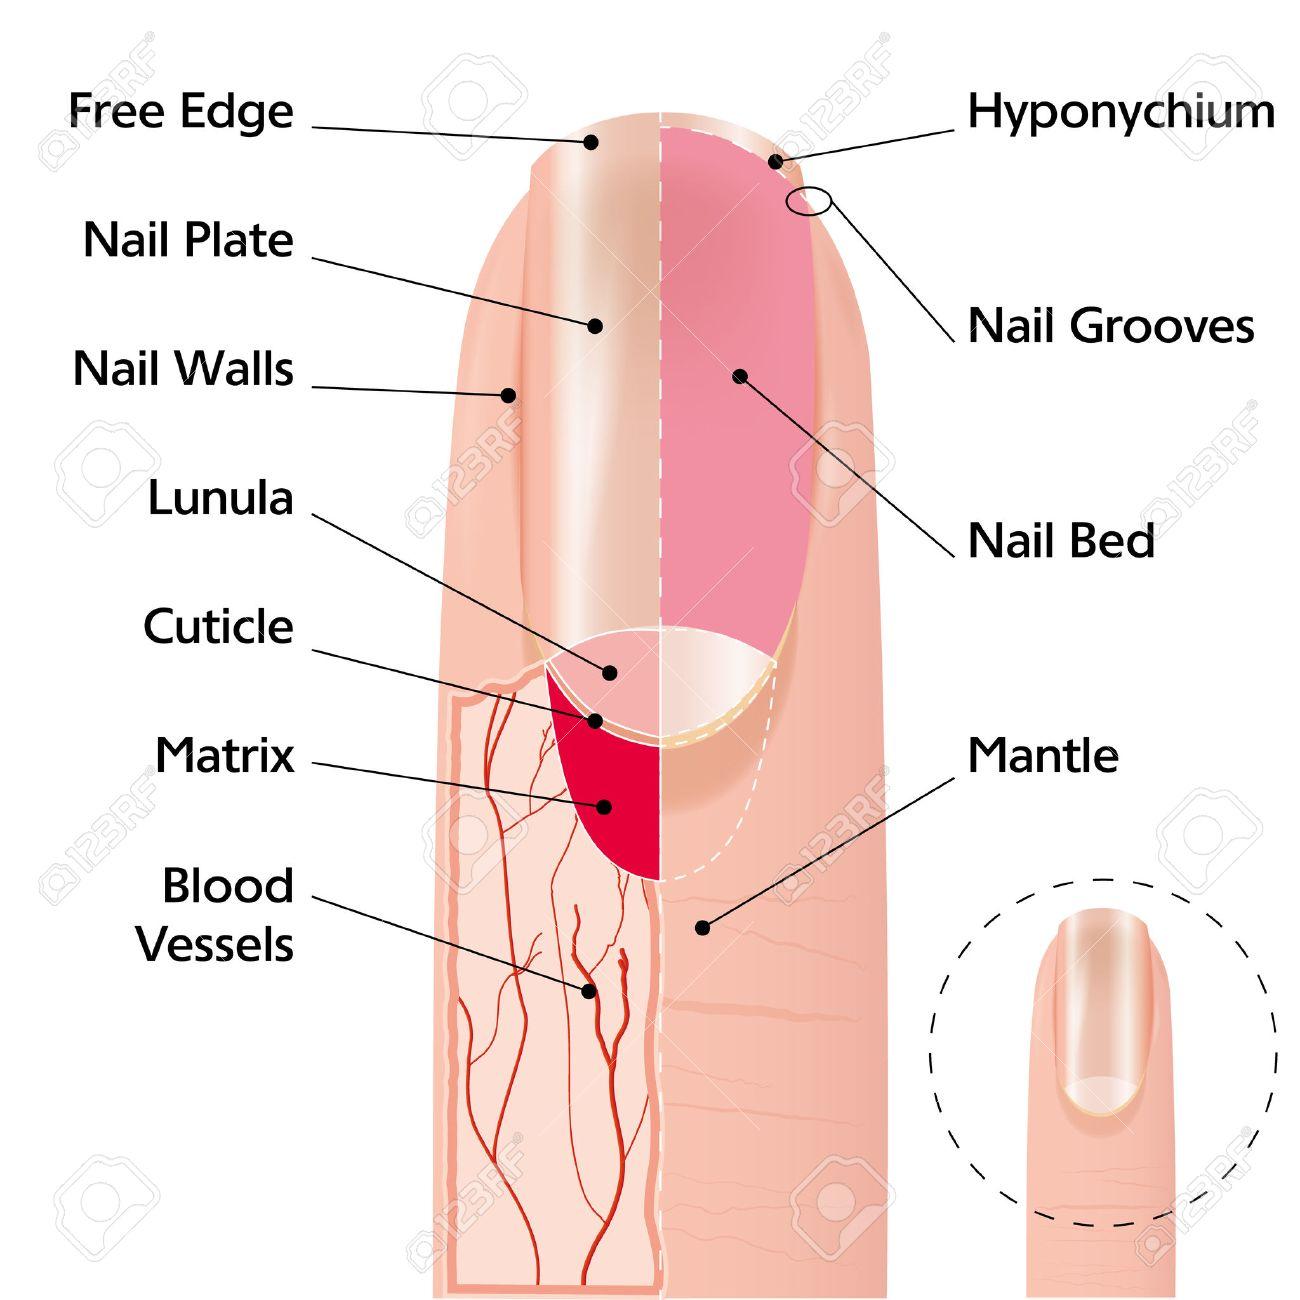 Vistoso Diagrama De Uña Patrón - Anatomía de Las Imágenesdel Cuerpo ...